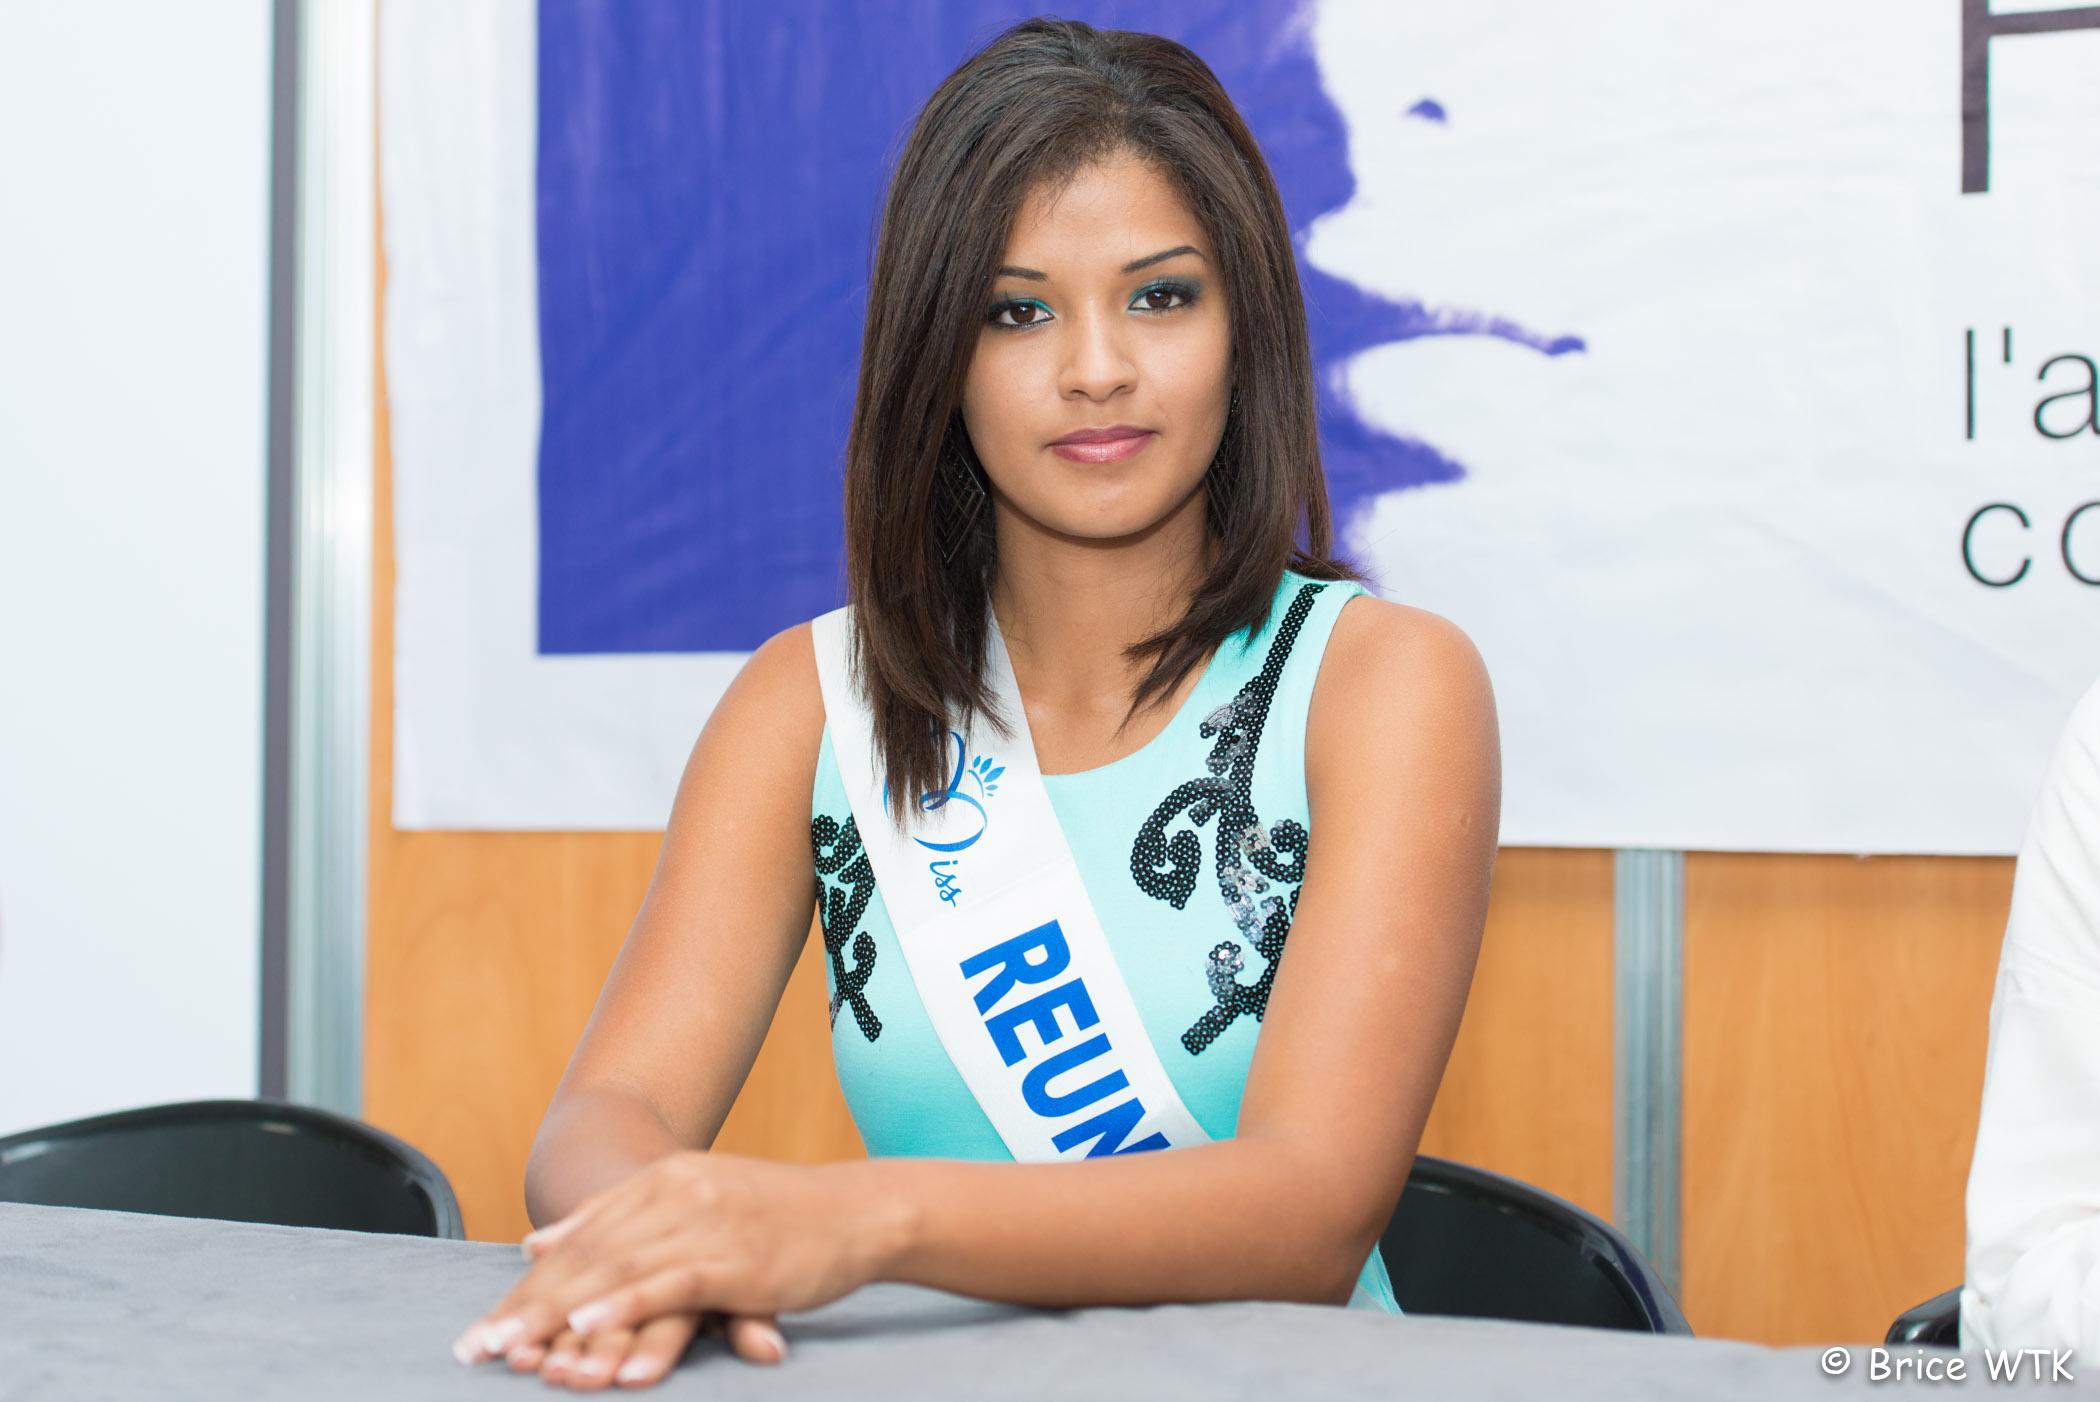 Ingreed Mercredi, Miss Réunion 2014 et Marraine de l'opération de solidarité à Magik'Land du Mercredi 13 Août